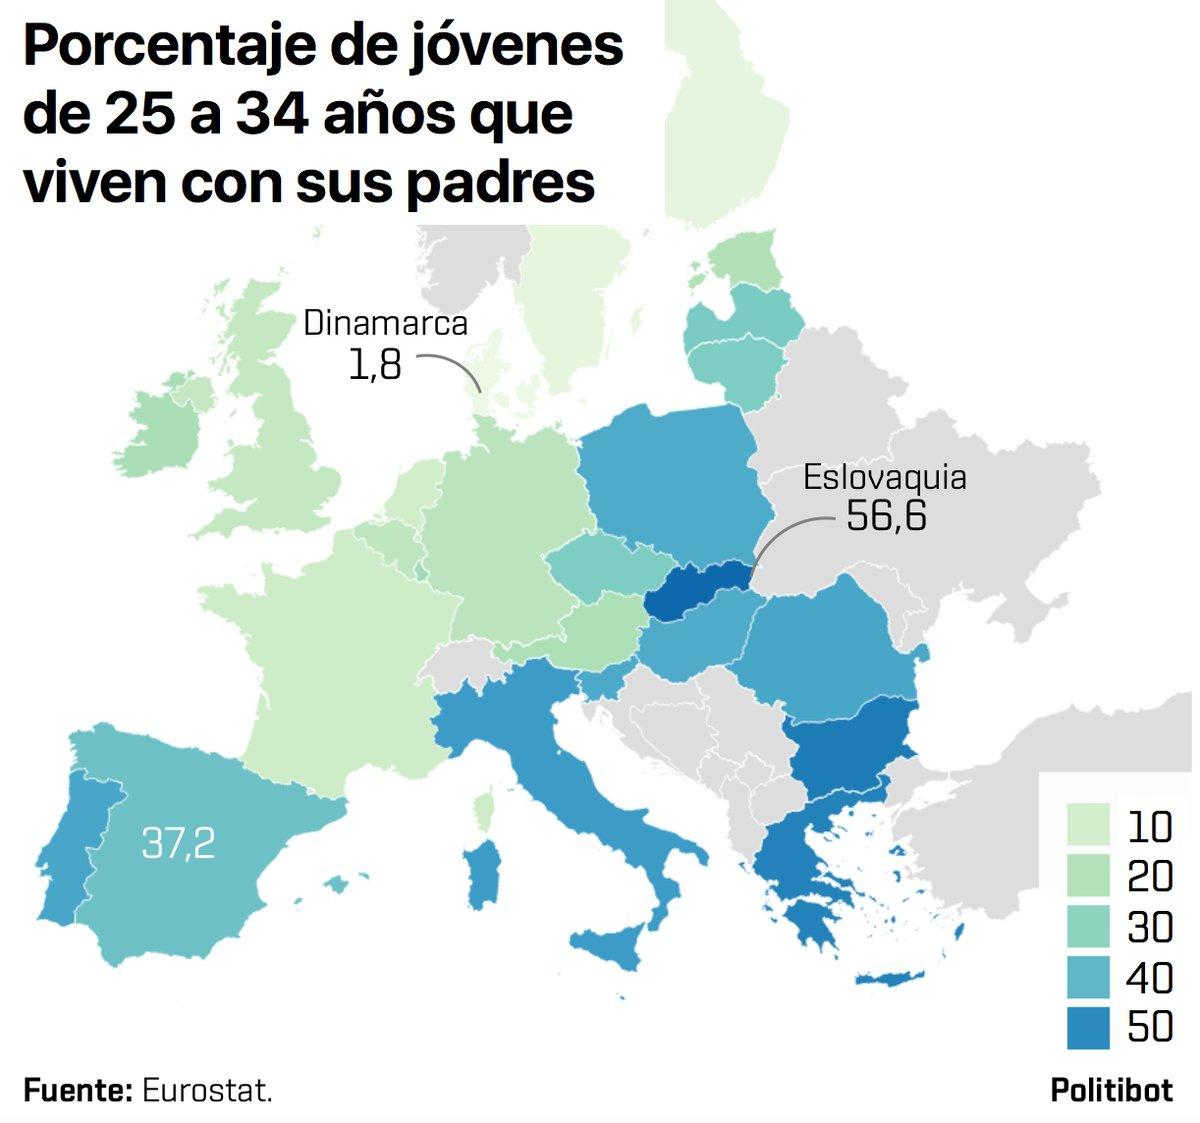 porcentaje de jóvenes de 25 a 34 años que viven con sus padres / politibot/Twitter